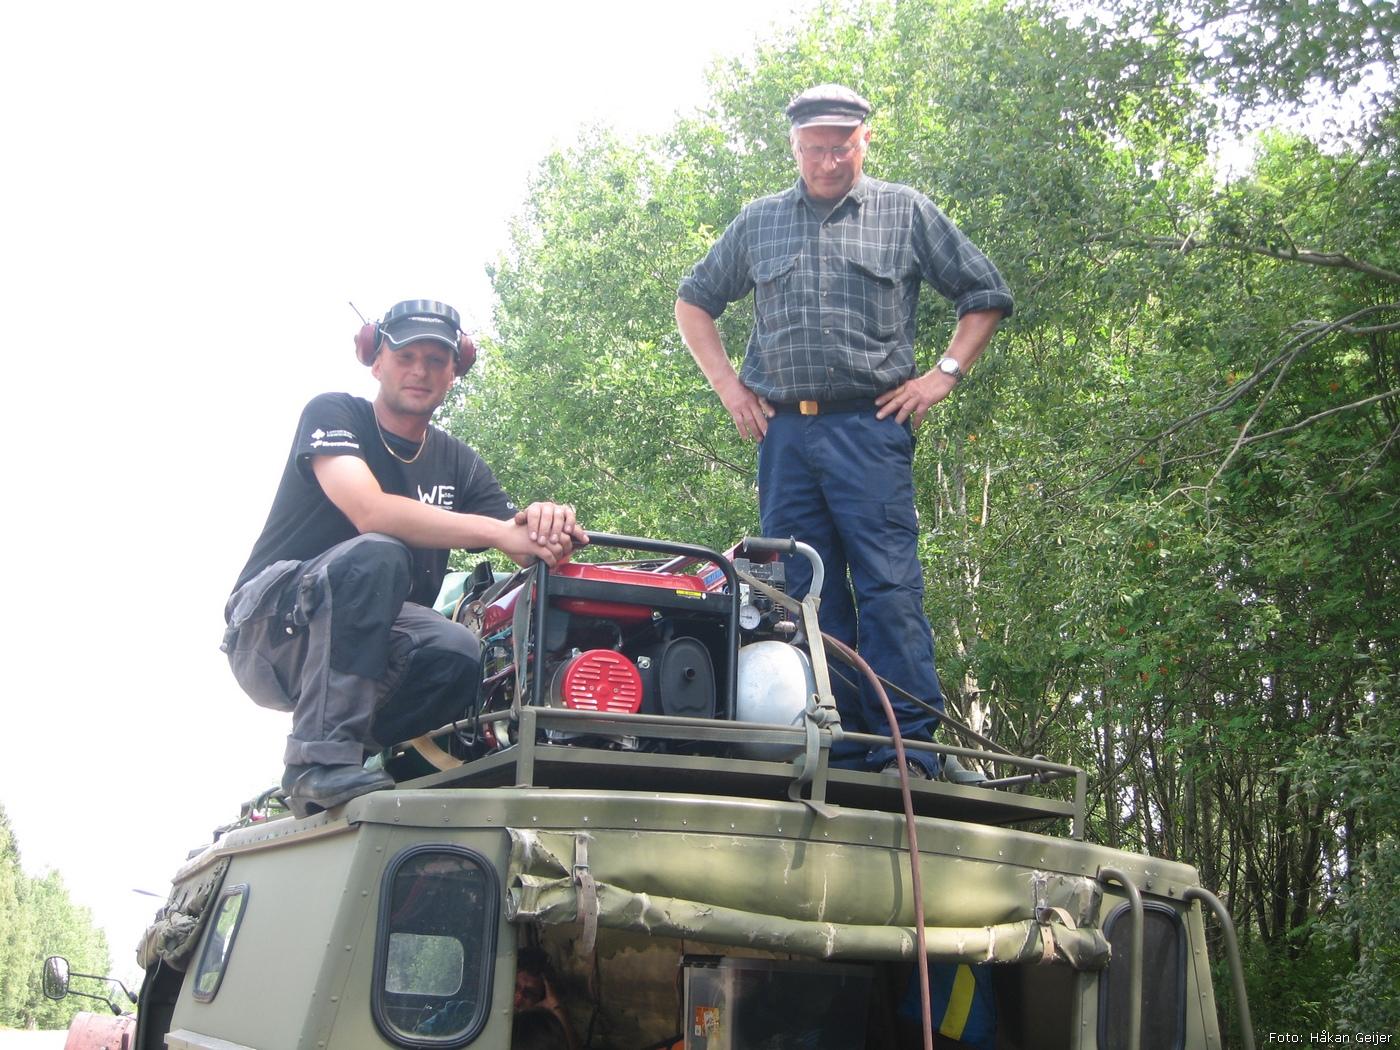 2011-07-29_70_Traktorresa